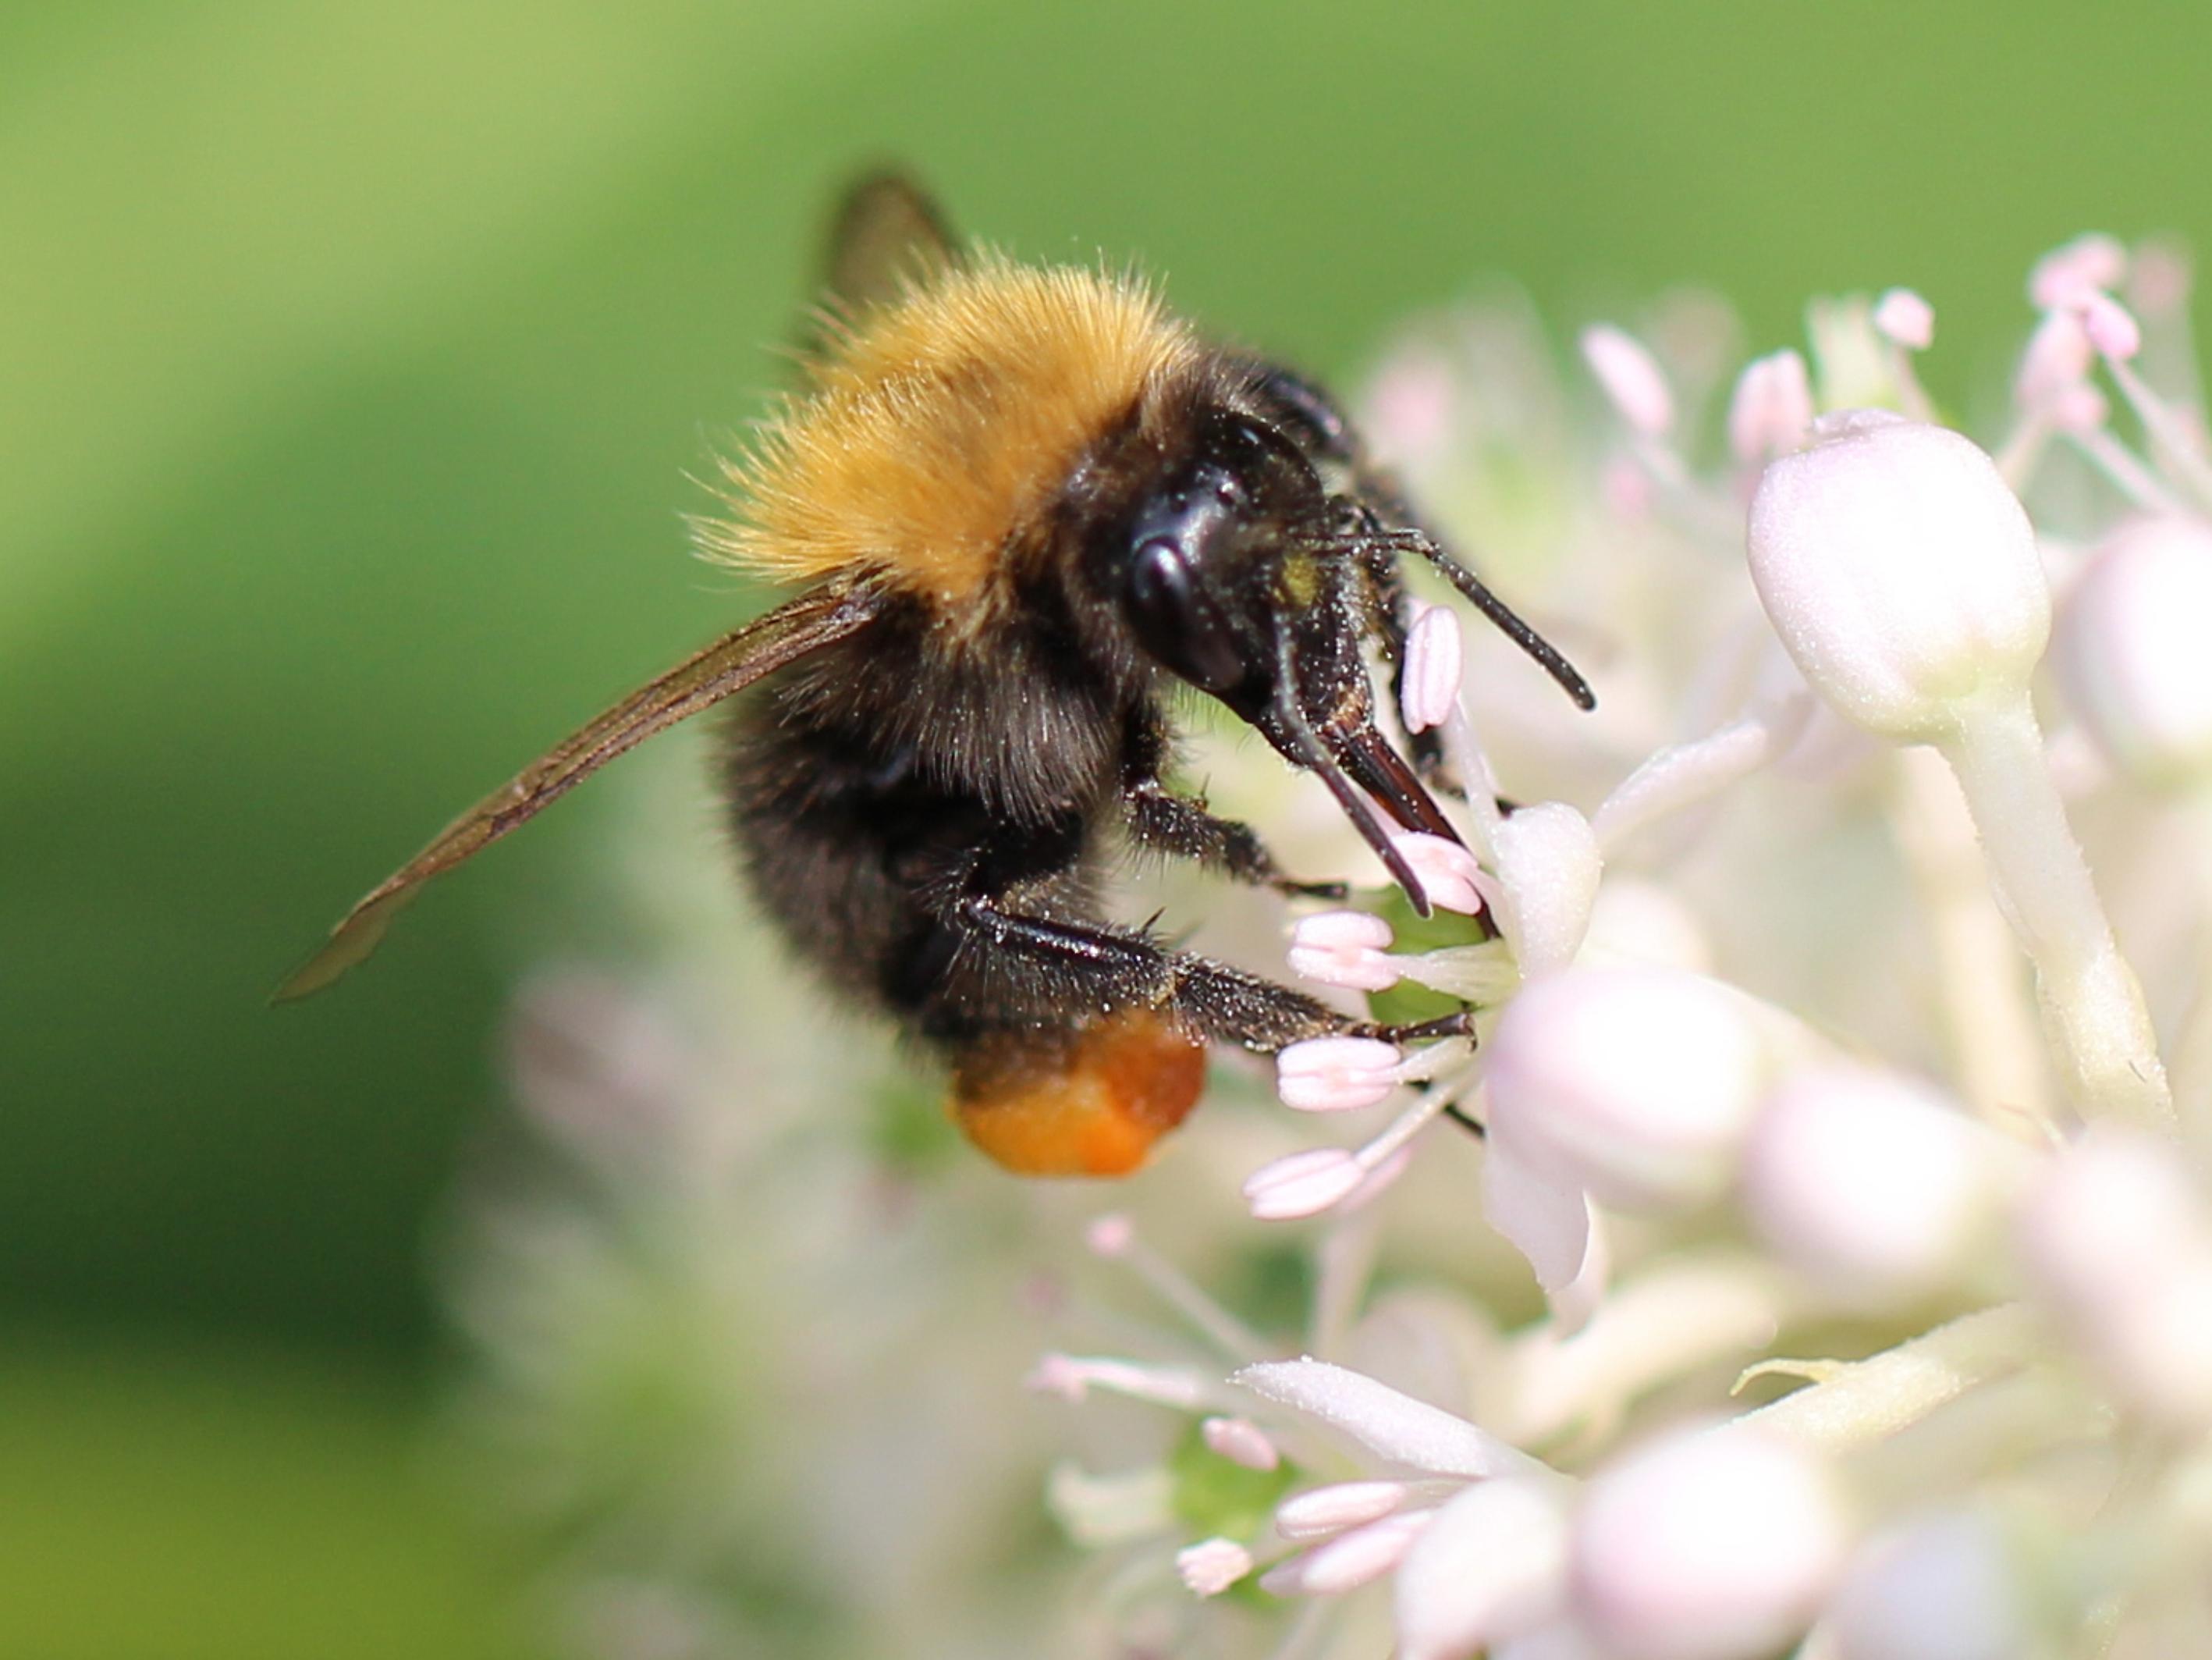 Stuur je mooiste foto in voor de Bijenlandschap Fotowedstrijd!